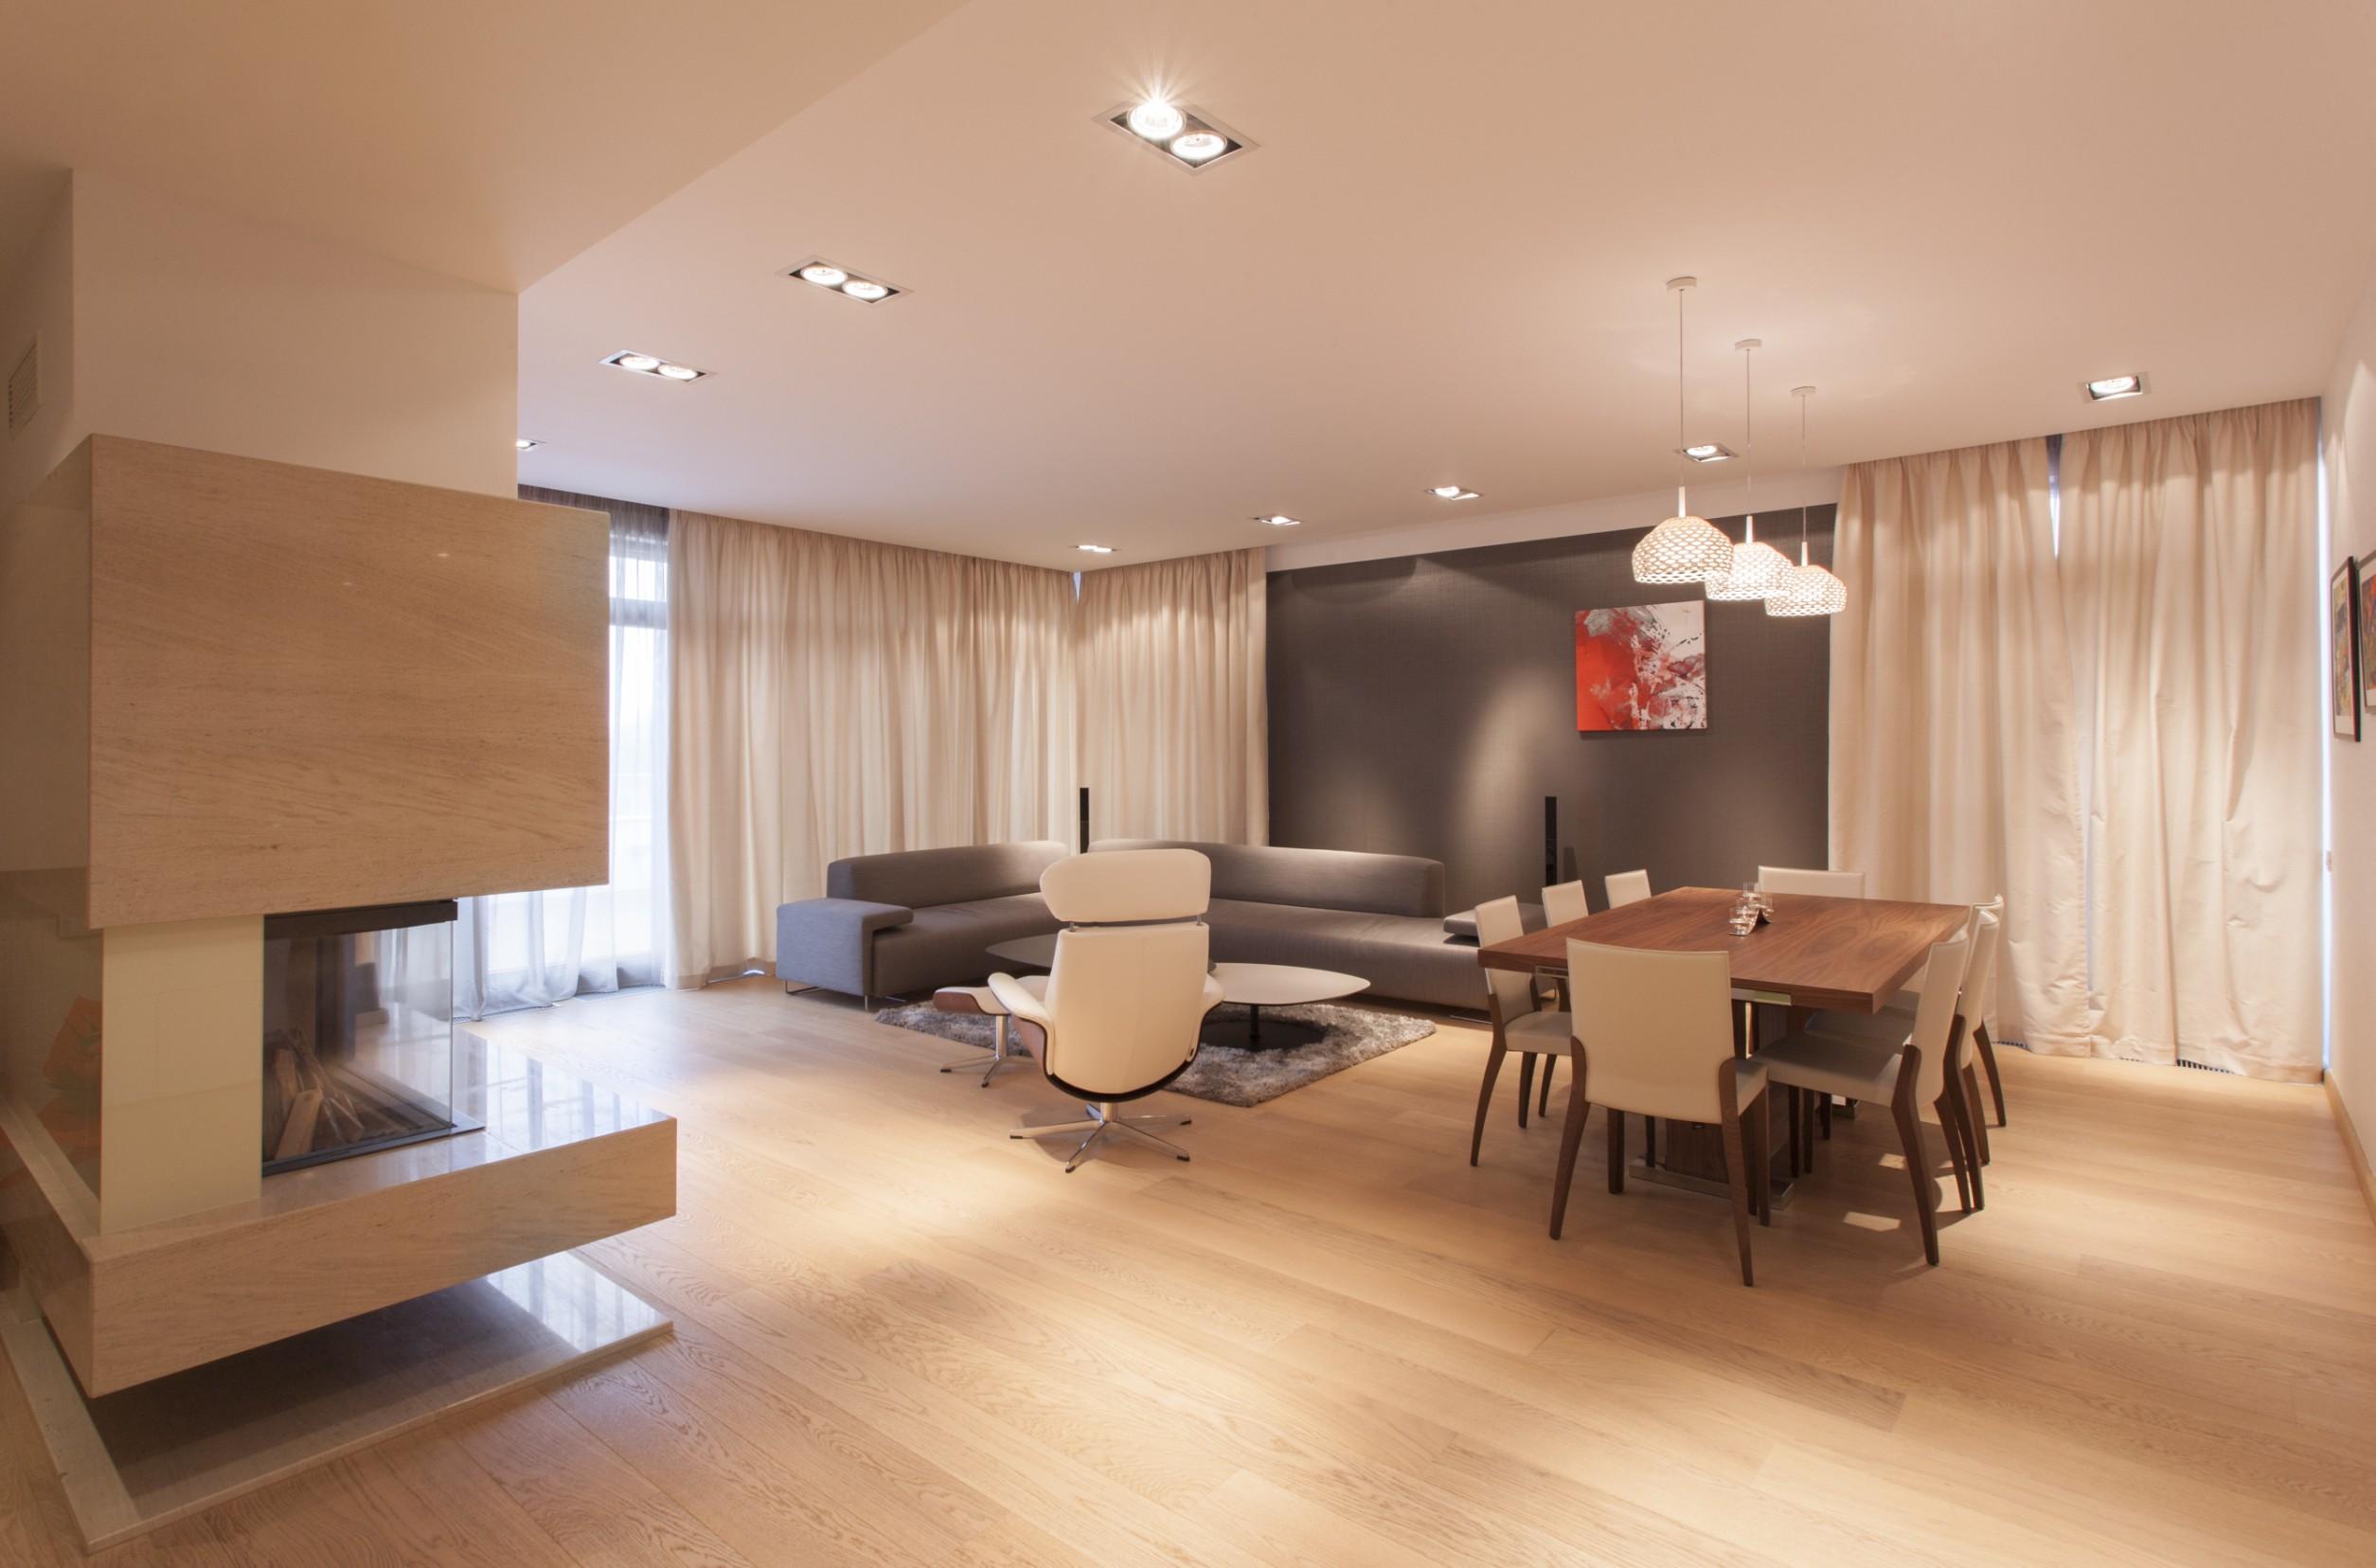 https://nbc-arhitect.ro/wp-content/uploads/2020/10/NBC-Arhitect-_-Petofi-Sandor-_-Housing-_-interior-design_12.jpg